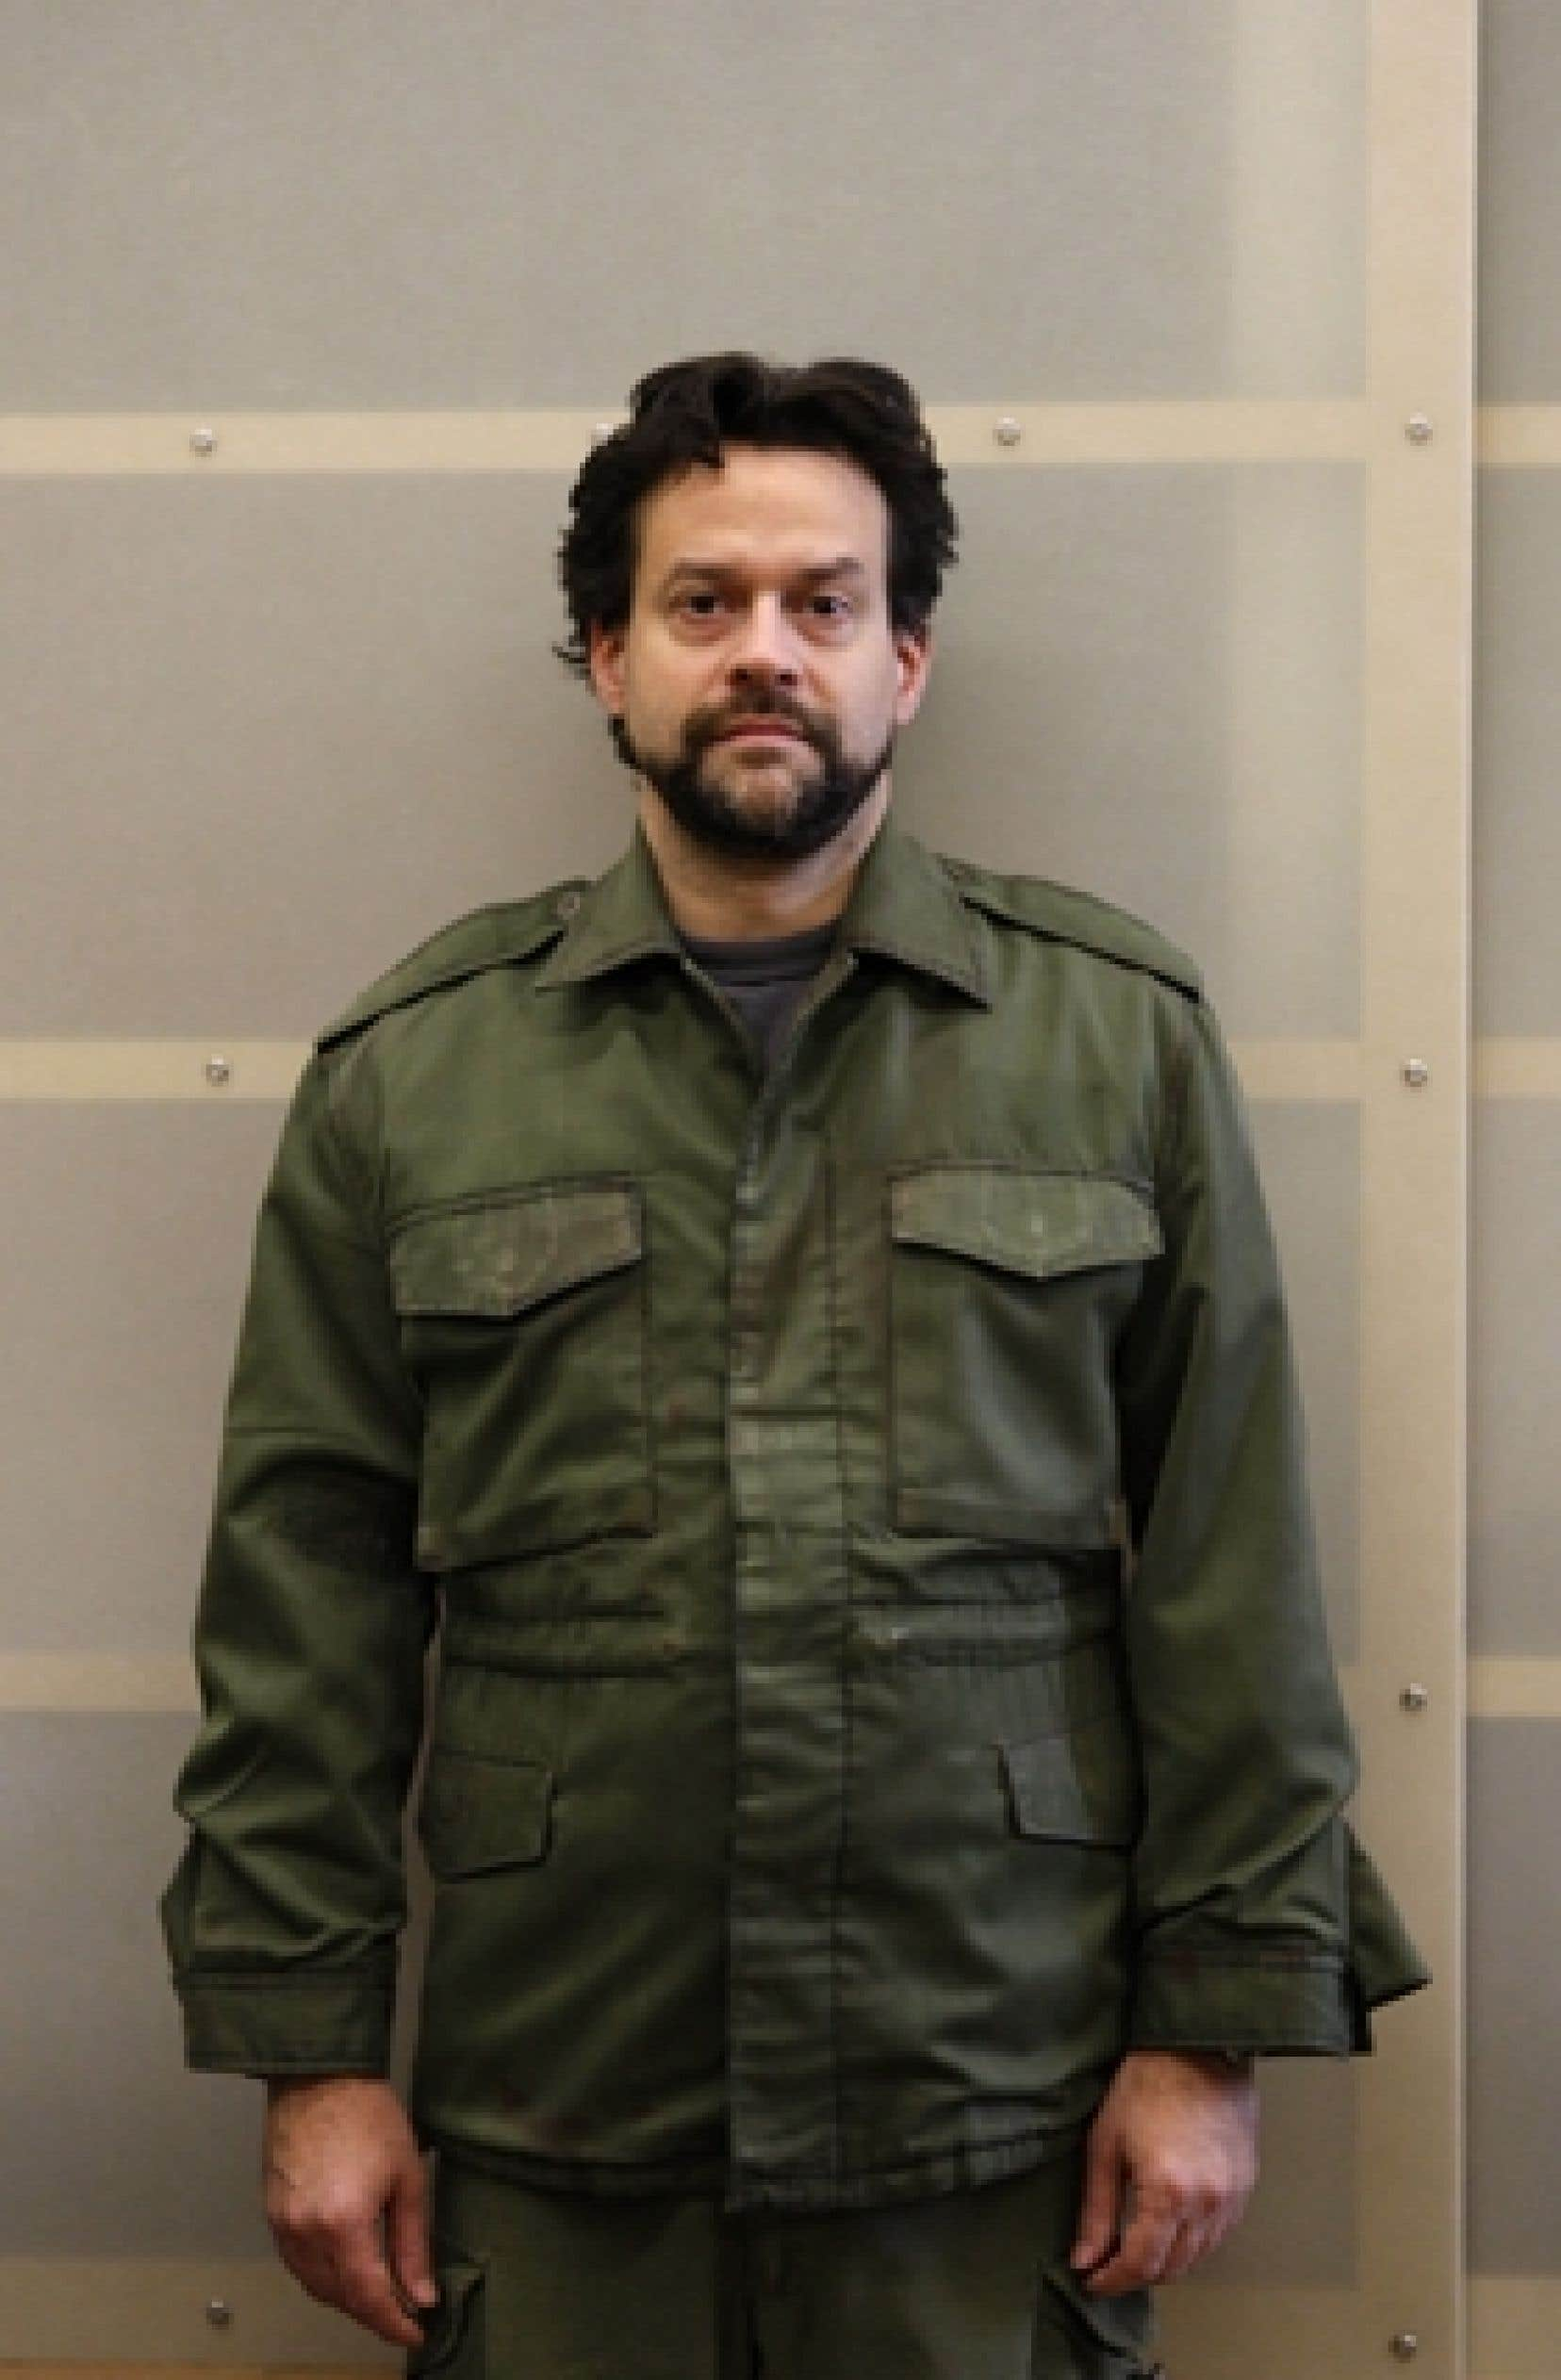 Dans Lortie, Alexis Martin enfile l'uniforme de l'ex-caporal de l'armée canadienne Denis Lortie.